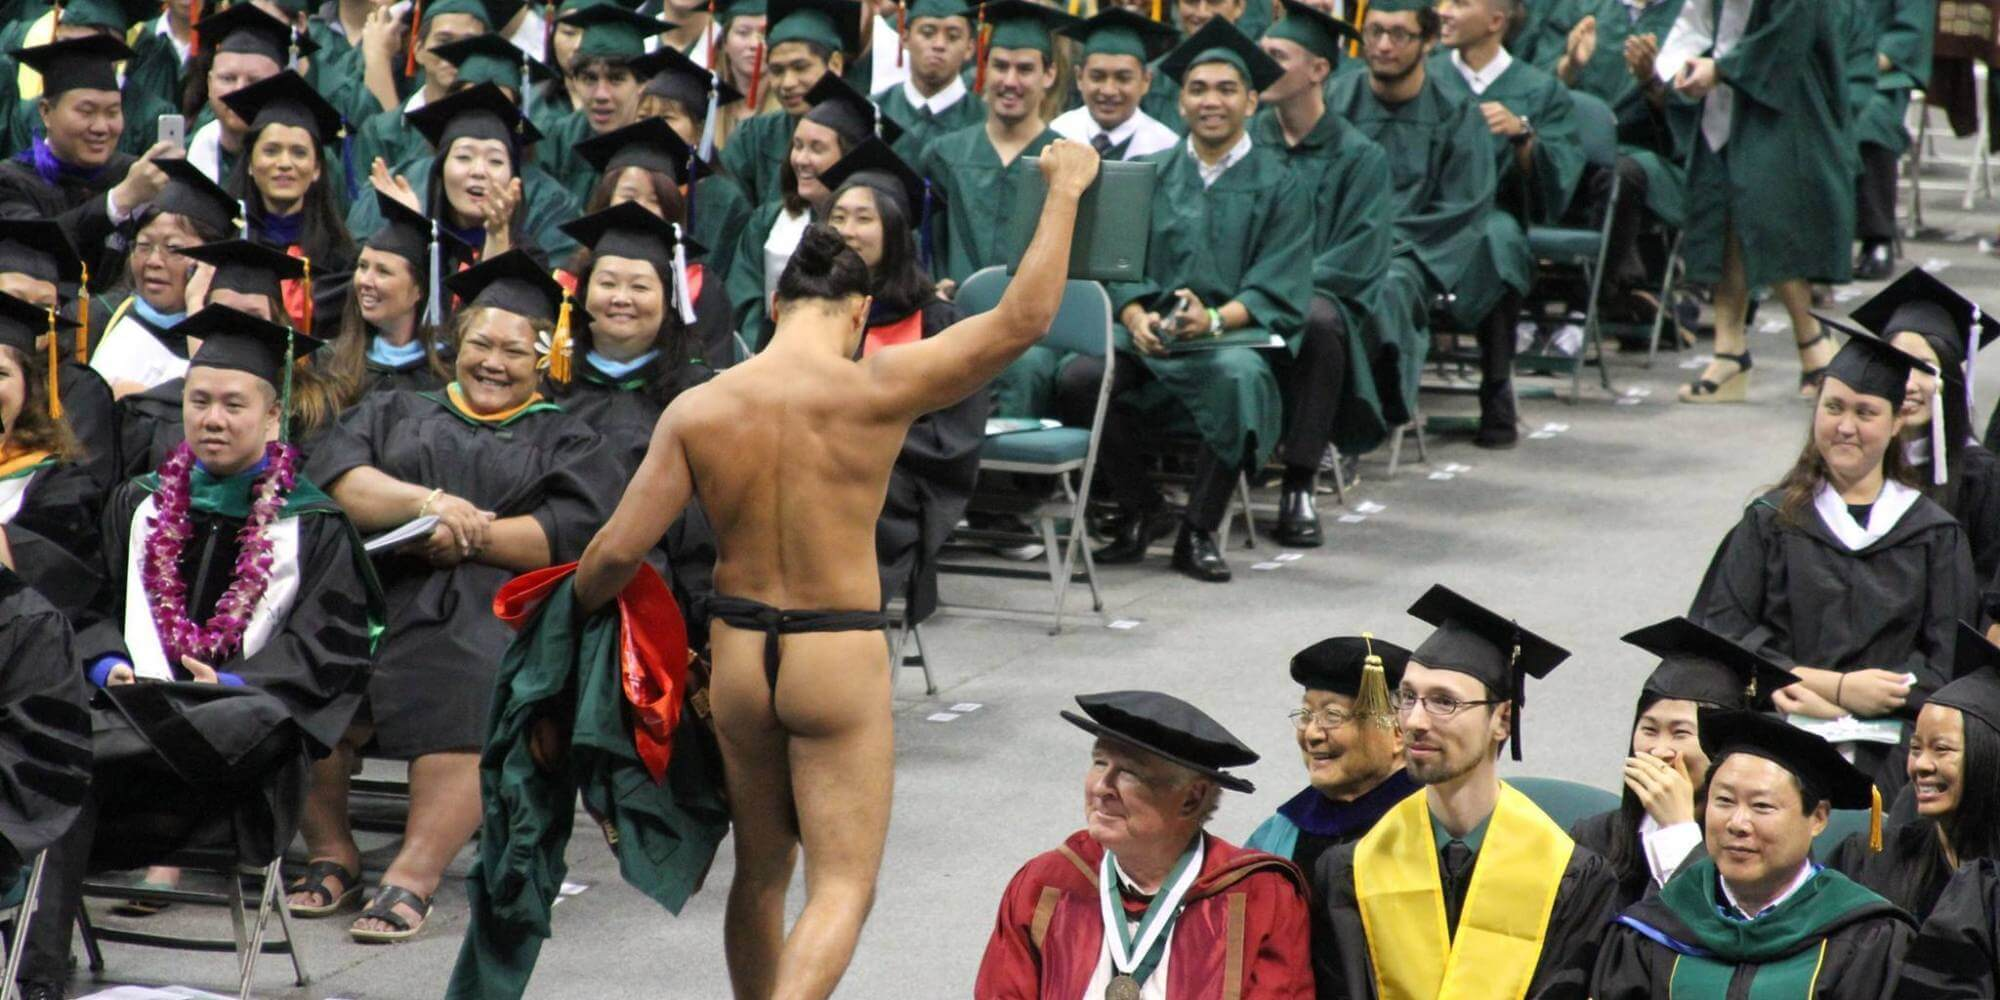 Naked at graduation